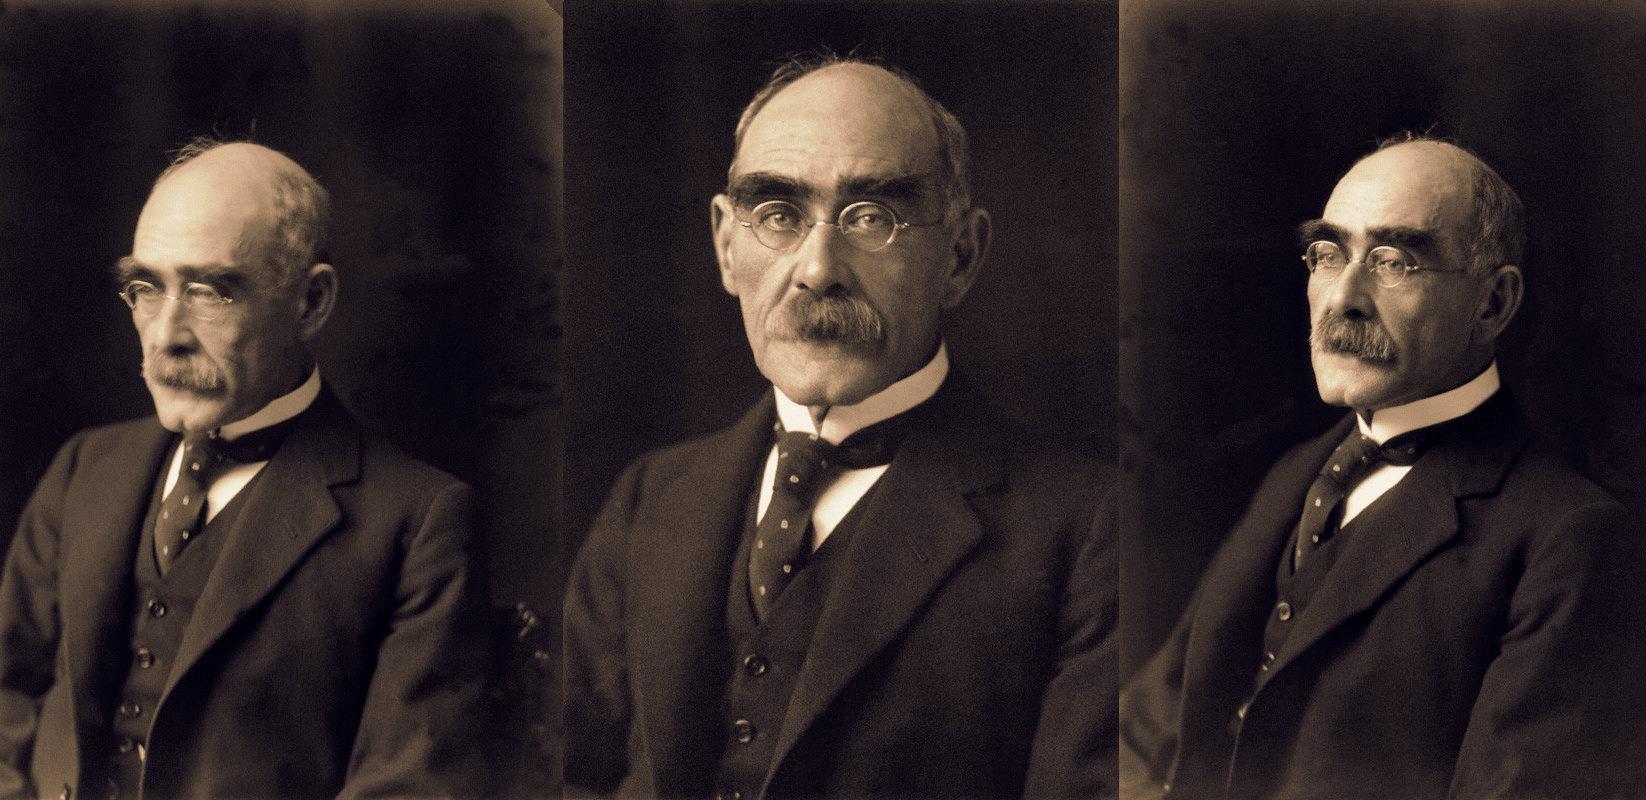 Rudyard Kipling photo #2655, Rudyard Kipling image